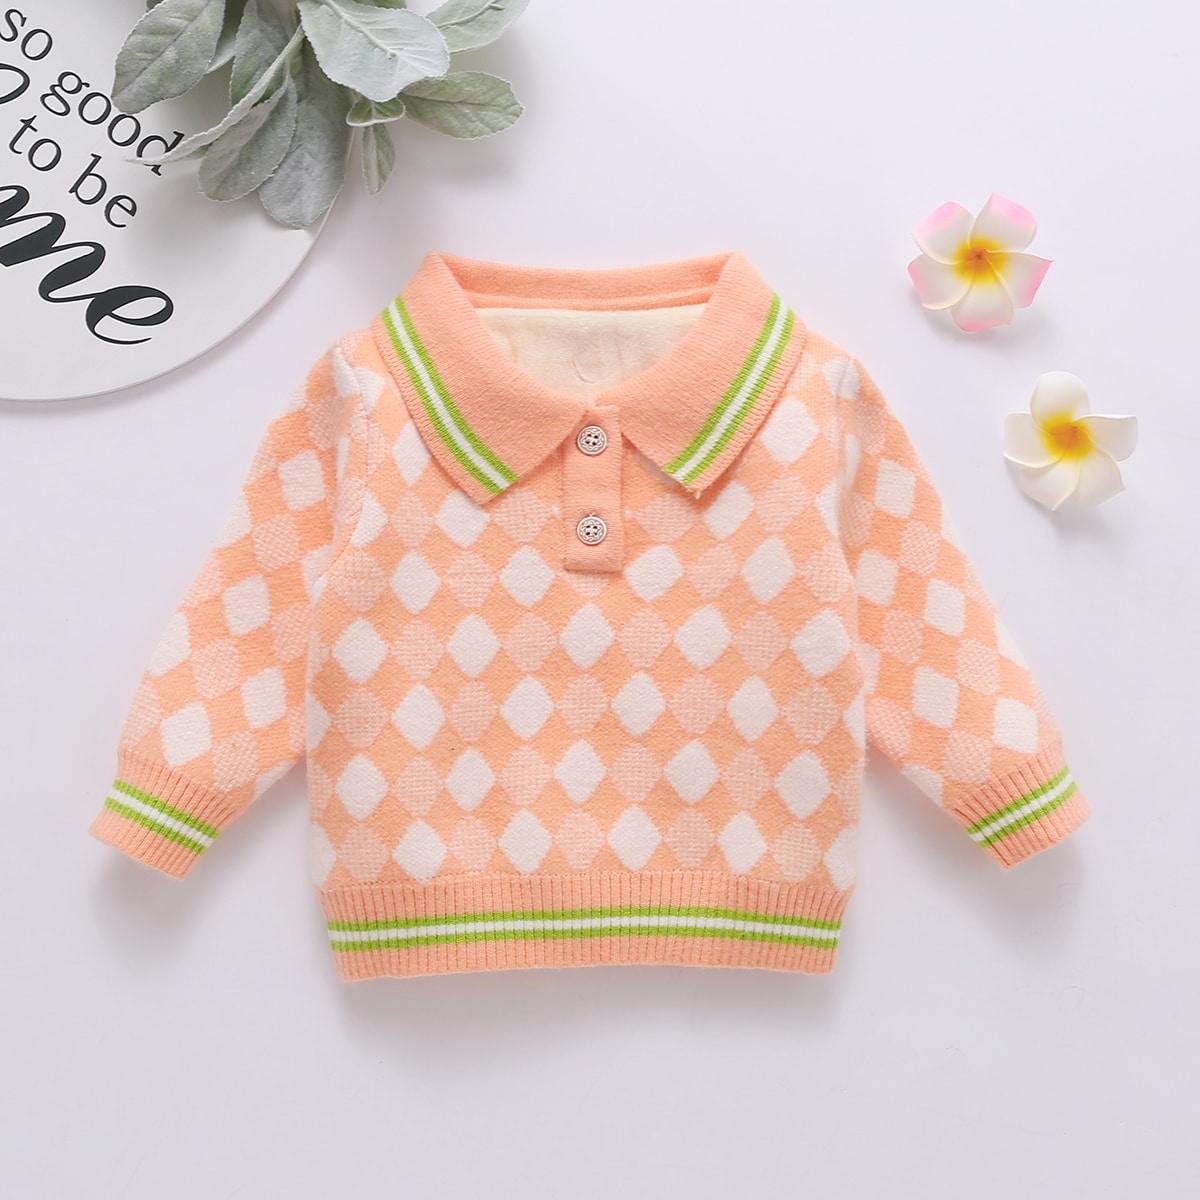 Пуговица полосатый милый свитеры  для малышей